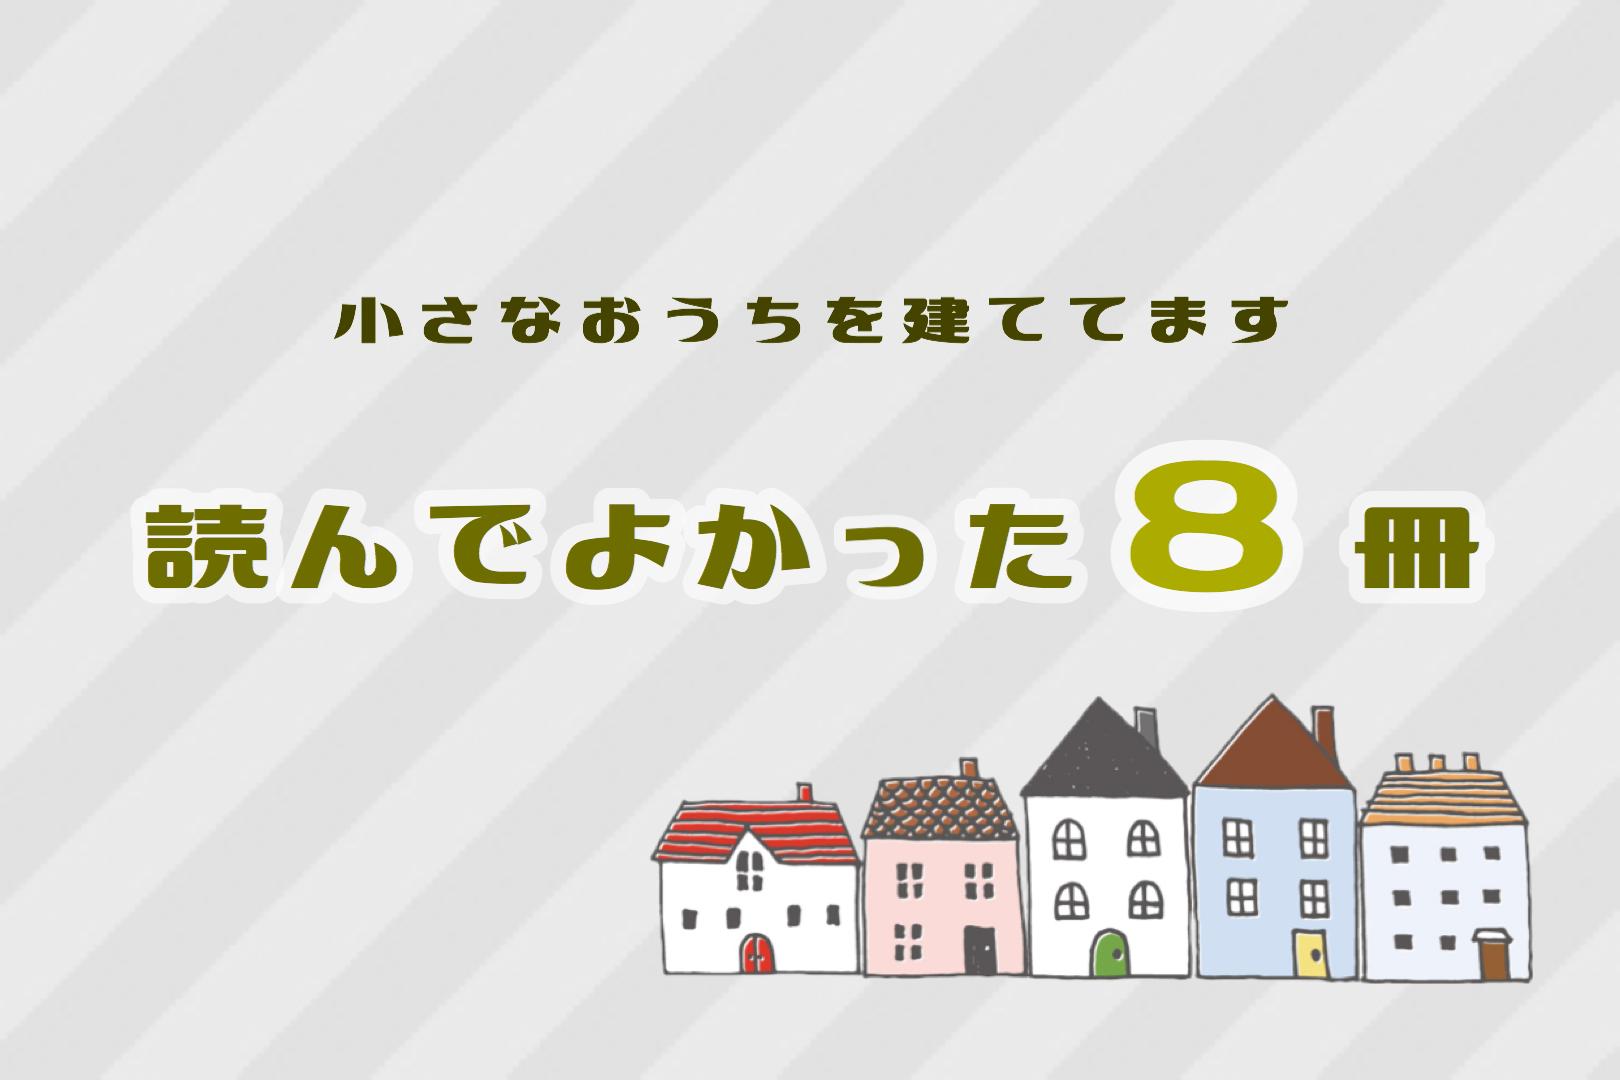 おうちづくりに役立った!小さい家を建てるために読んでよかった8冊を紹介します。